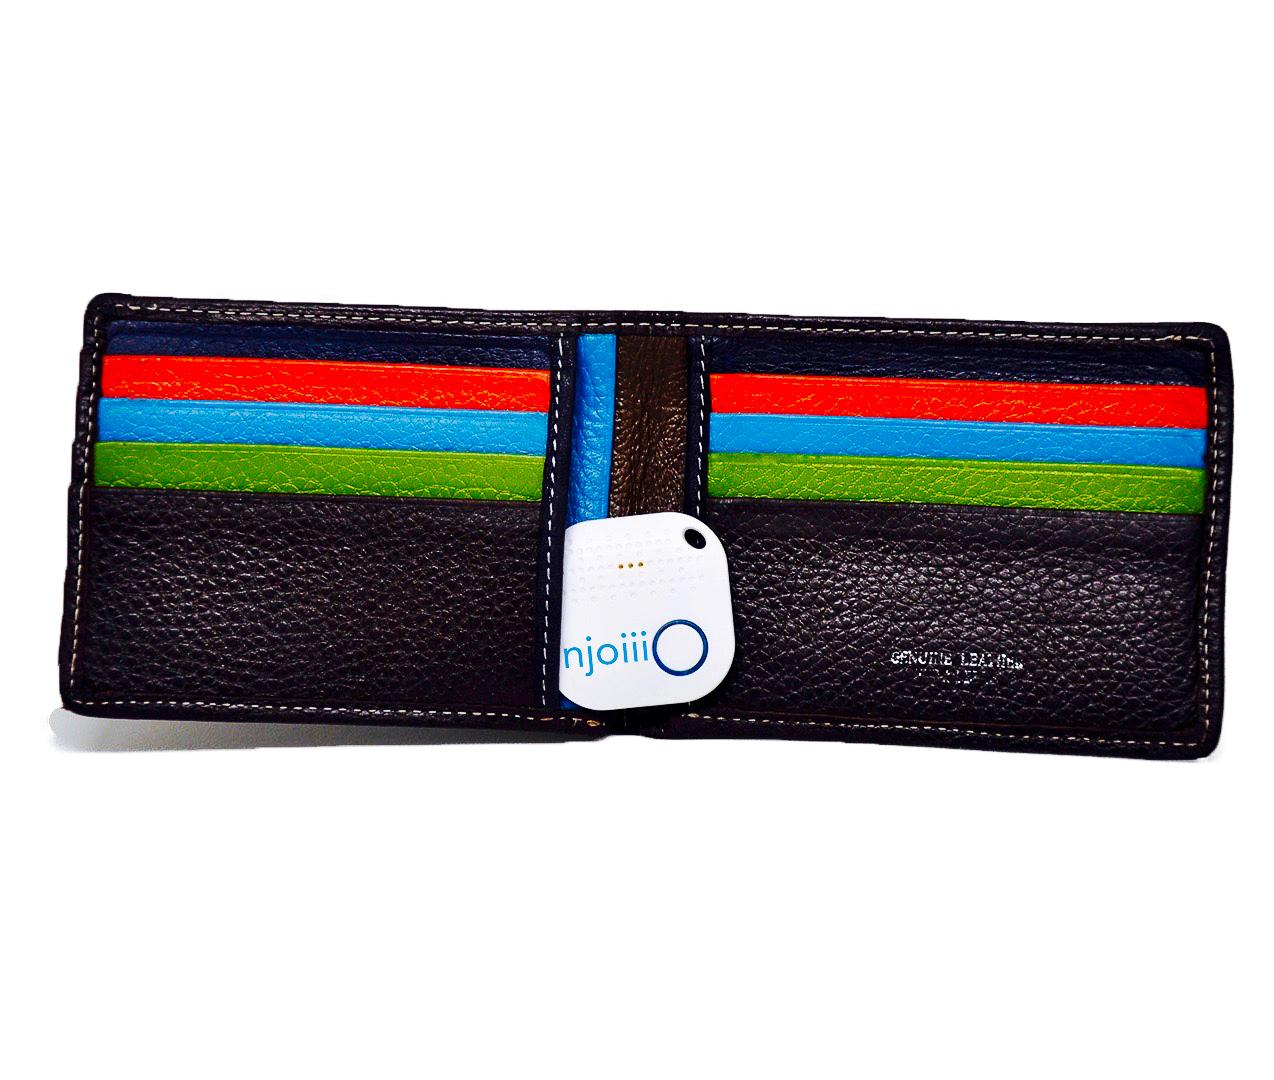 njoiii wallet new color1.jpg